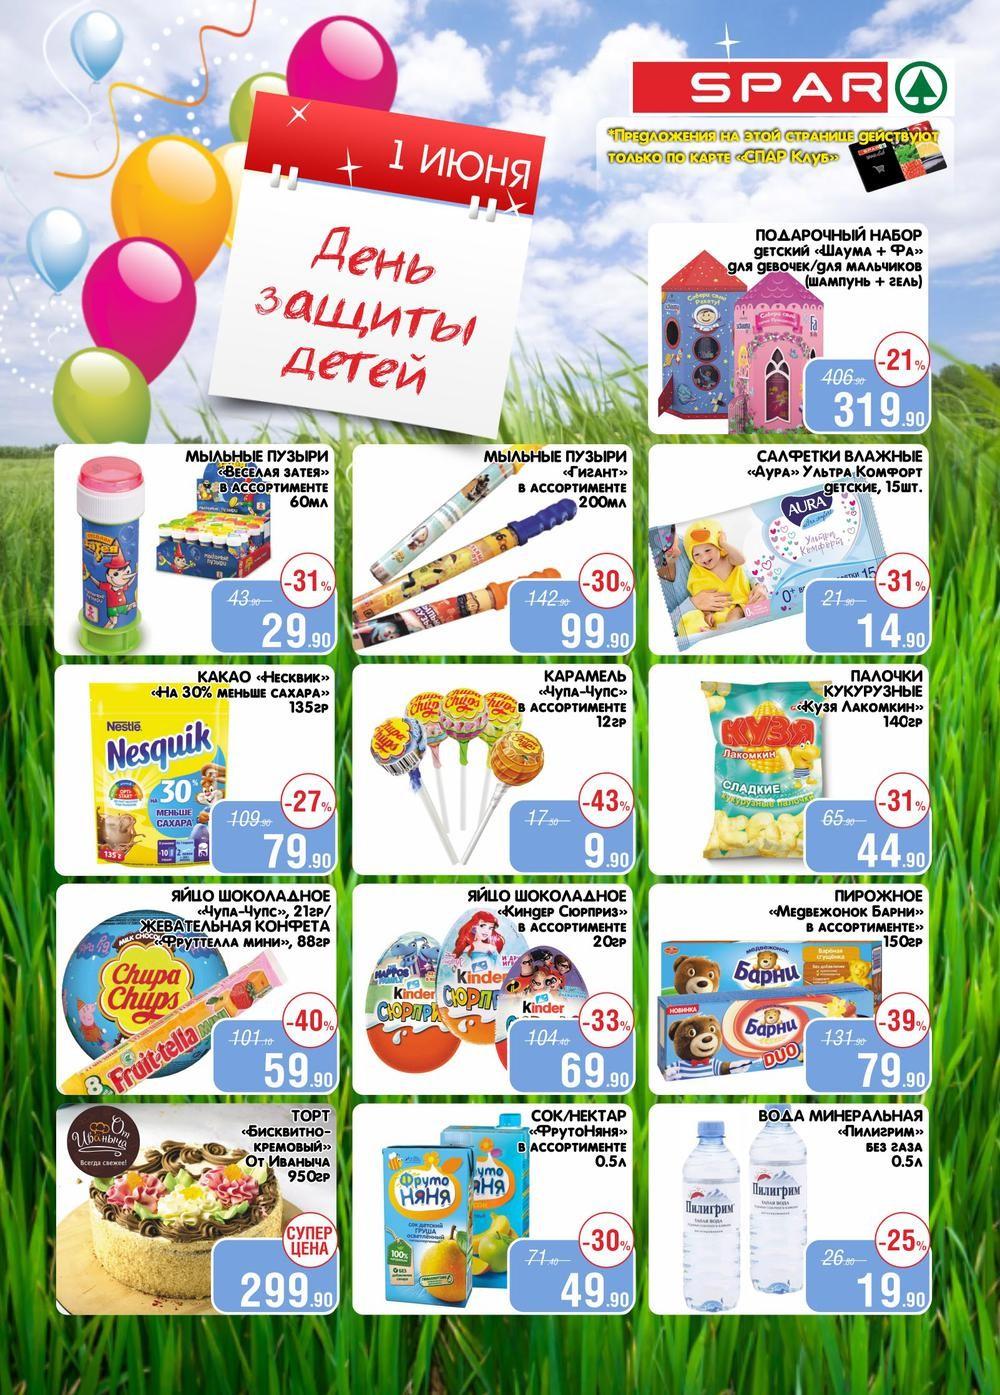 Новый каталог акций в Спаре г. Новомосковск